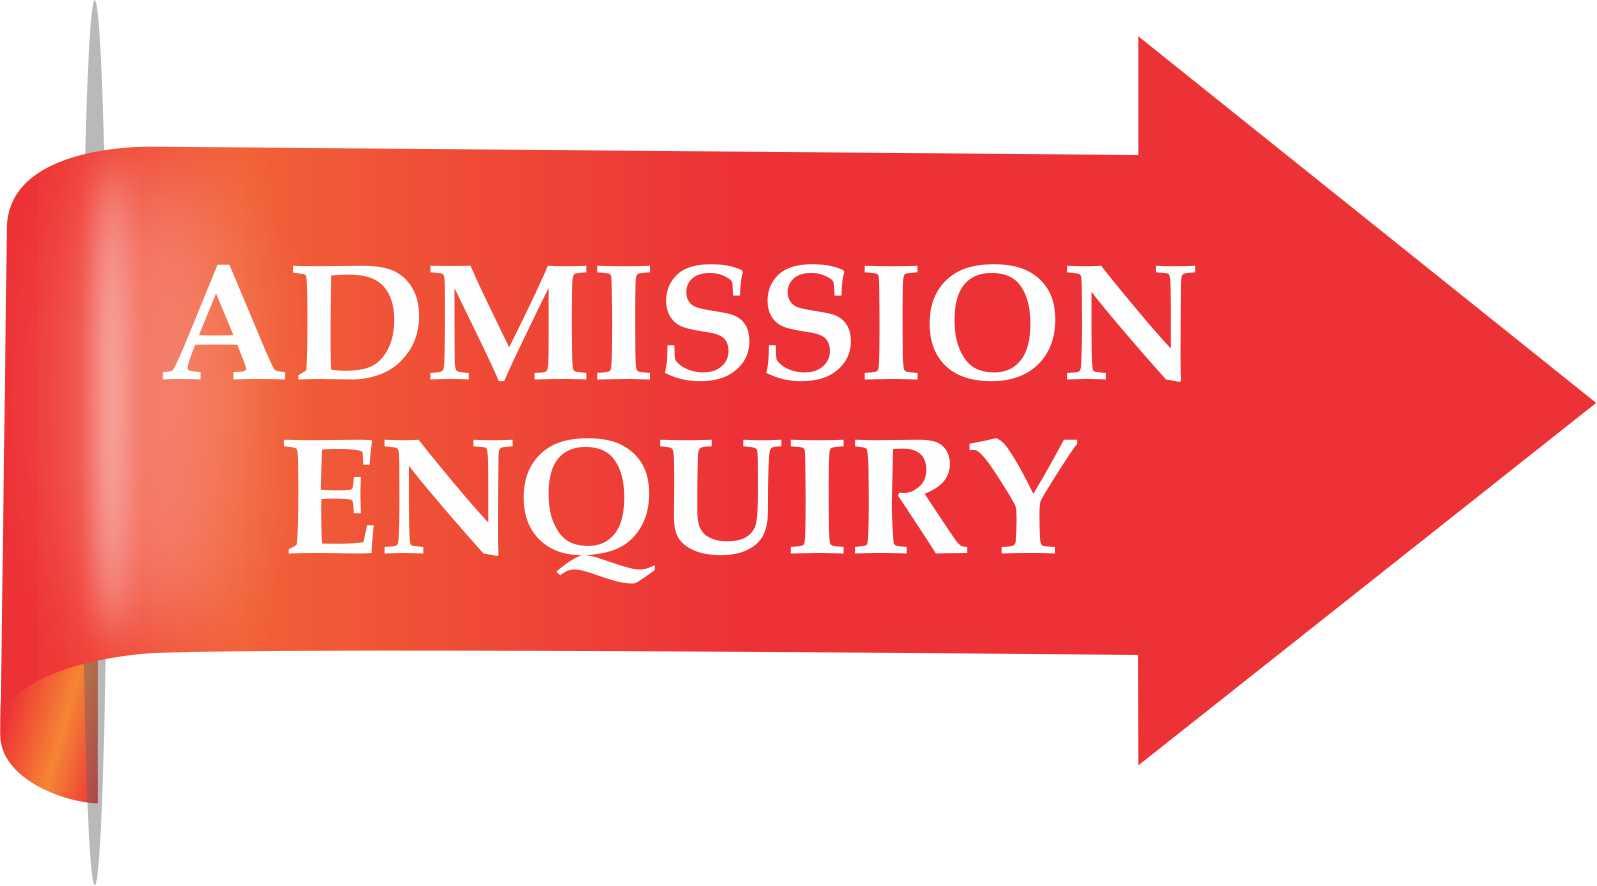 Mentors Eduserv Admission Enquiry | Admission Enquiry in Mentors Eduserv  Coaching Institute